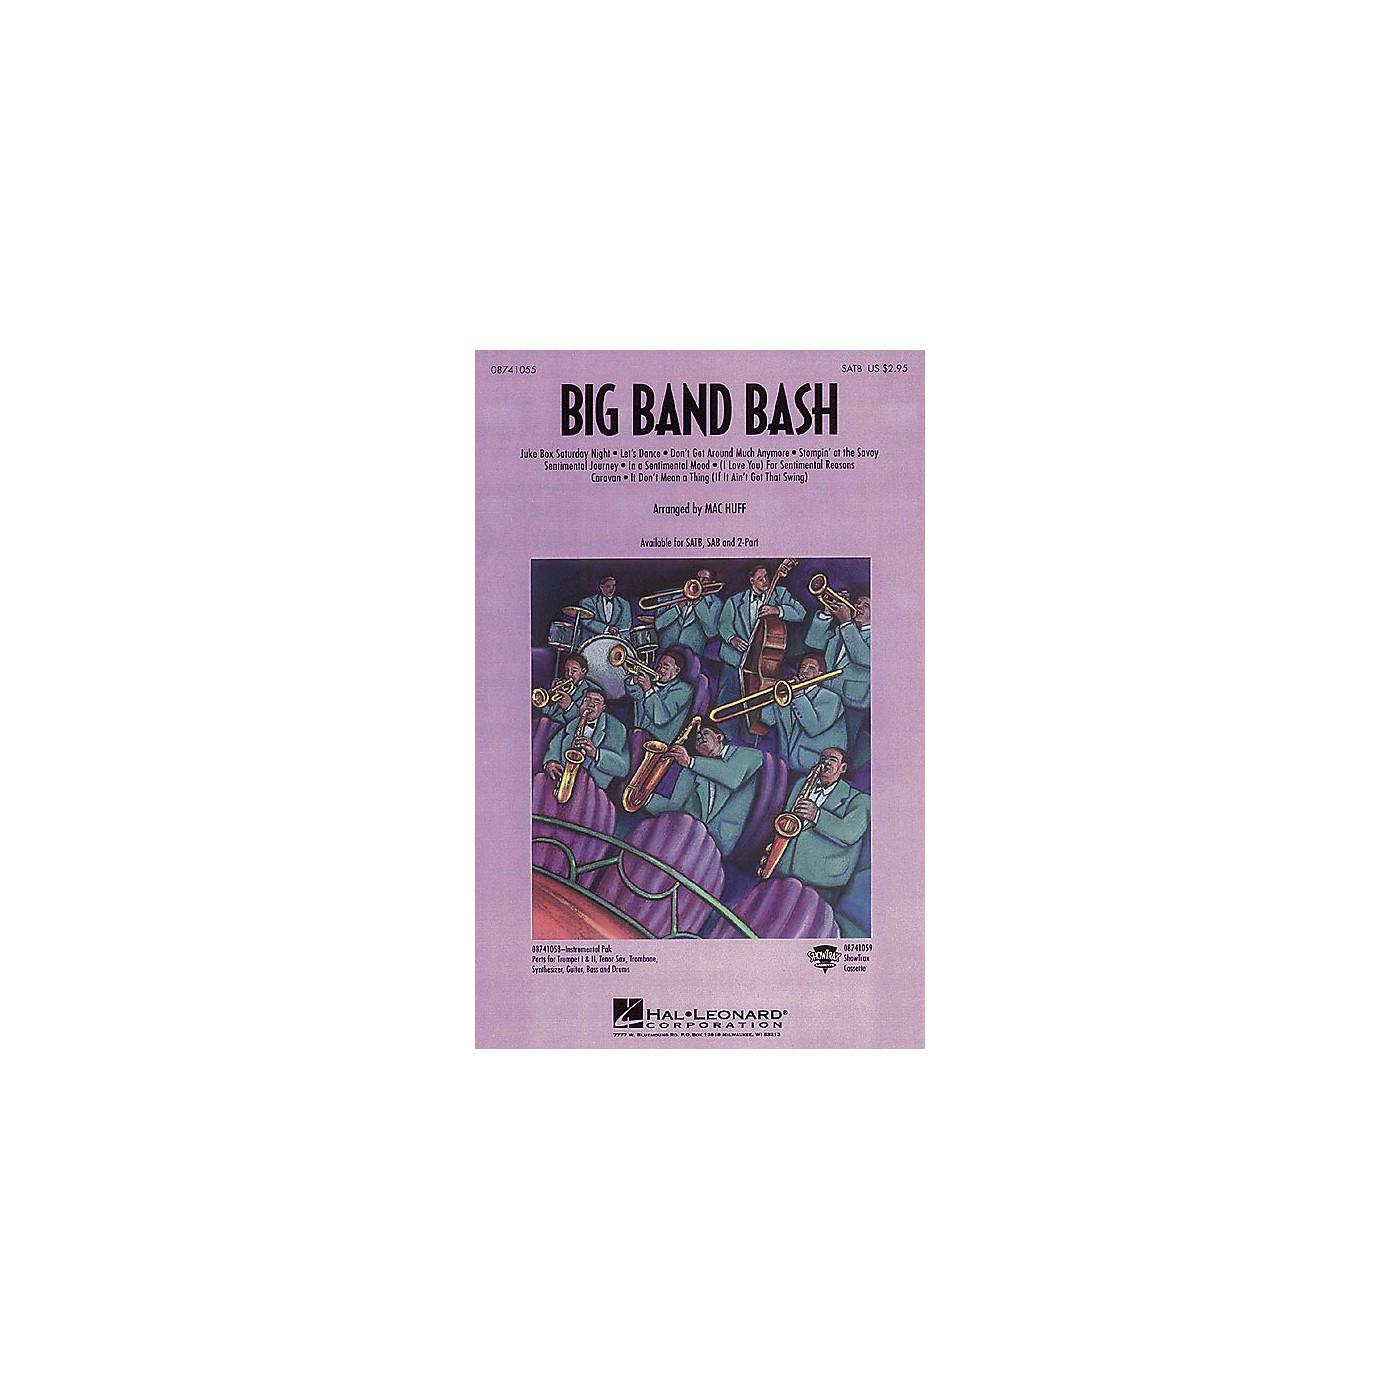 Hal Leonard Big Band Bash (Medley) Combo Parts Arranged by Mac Huff thumbnail